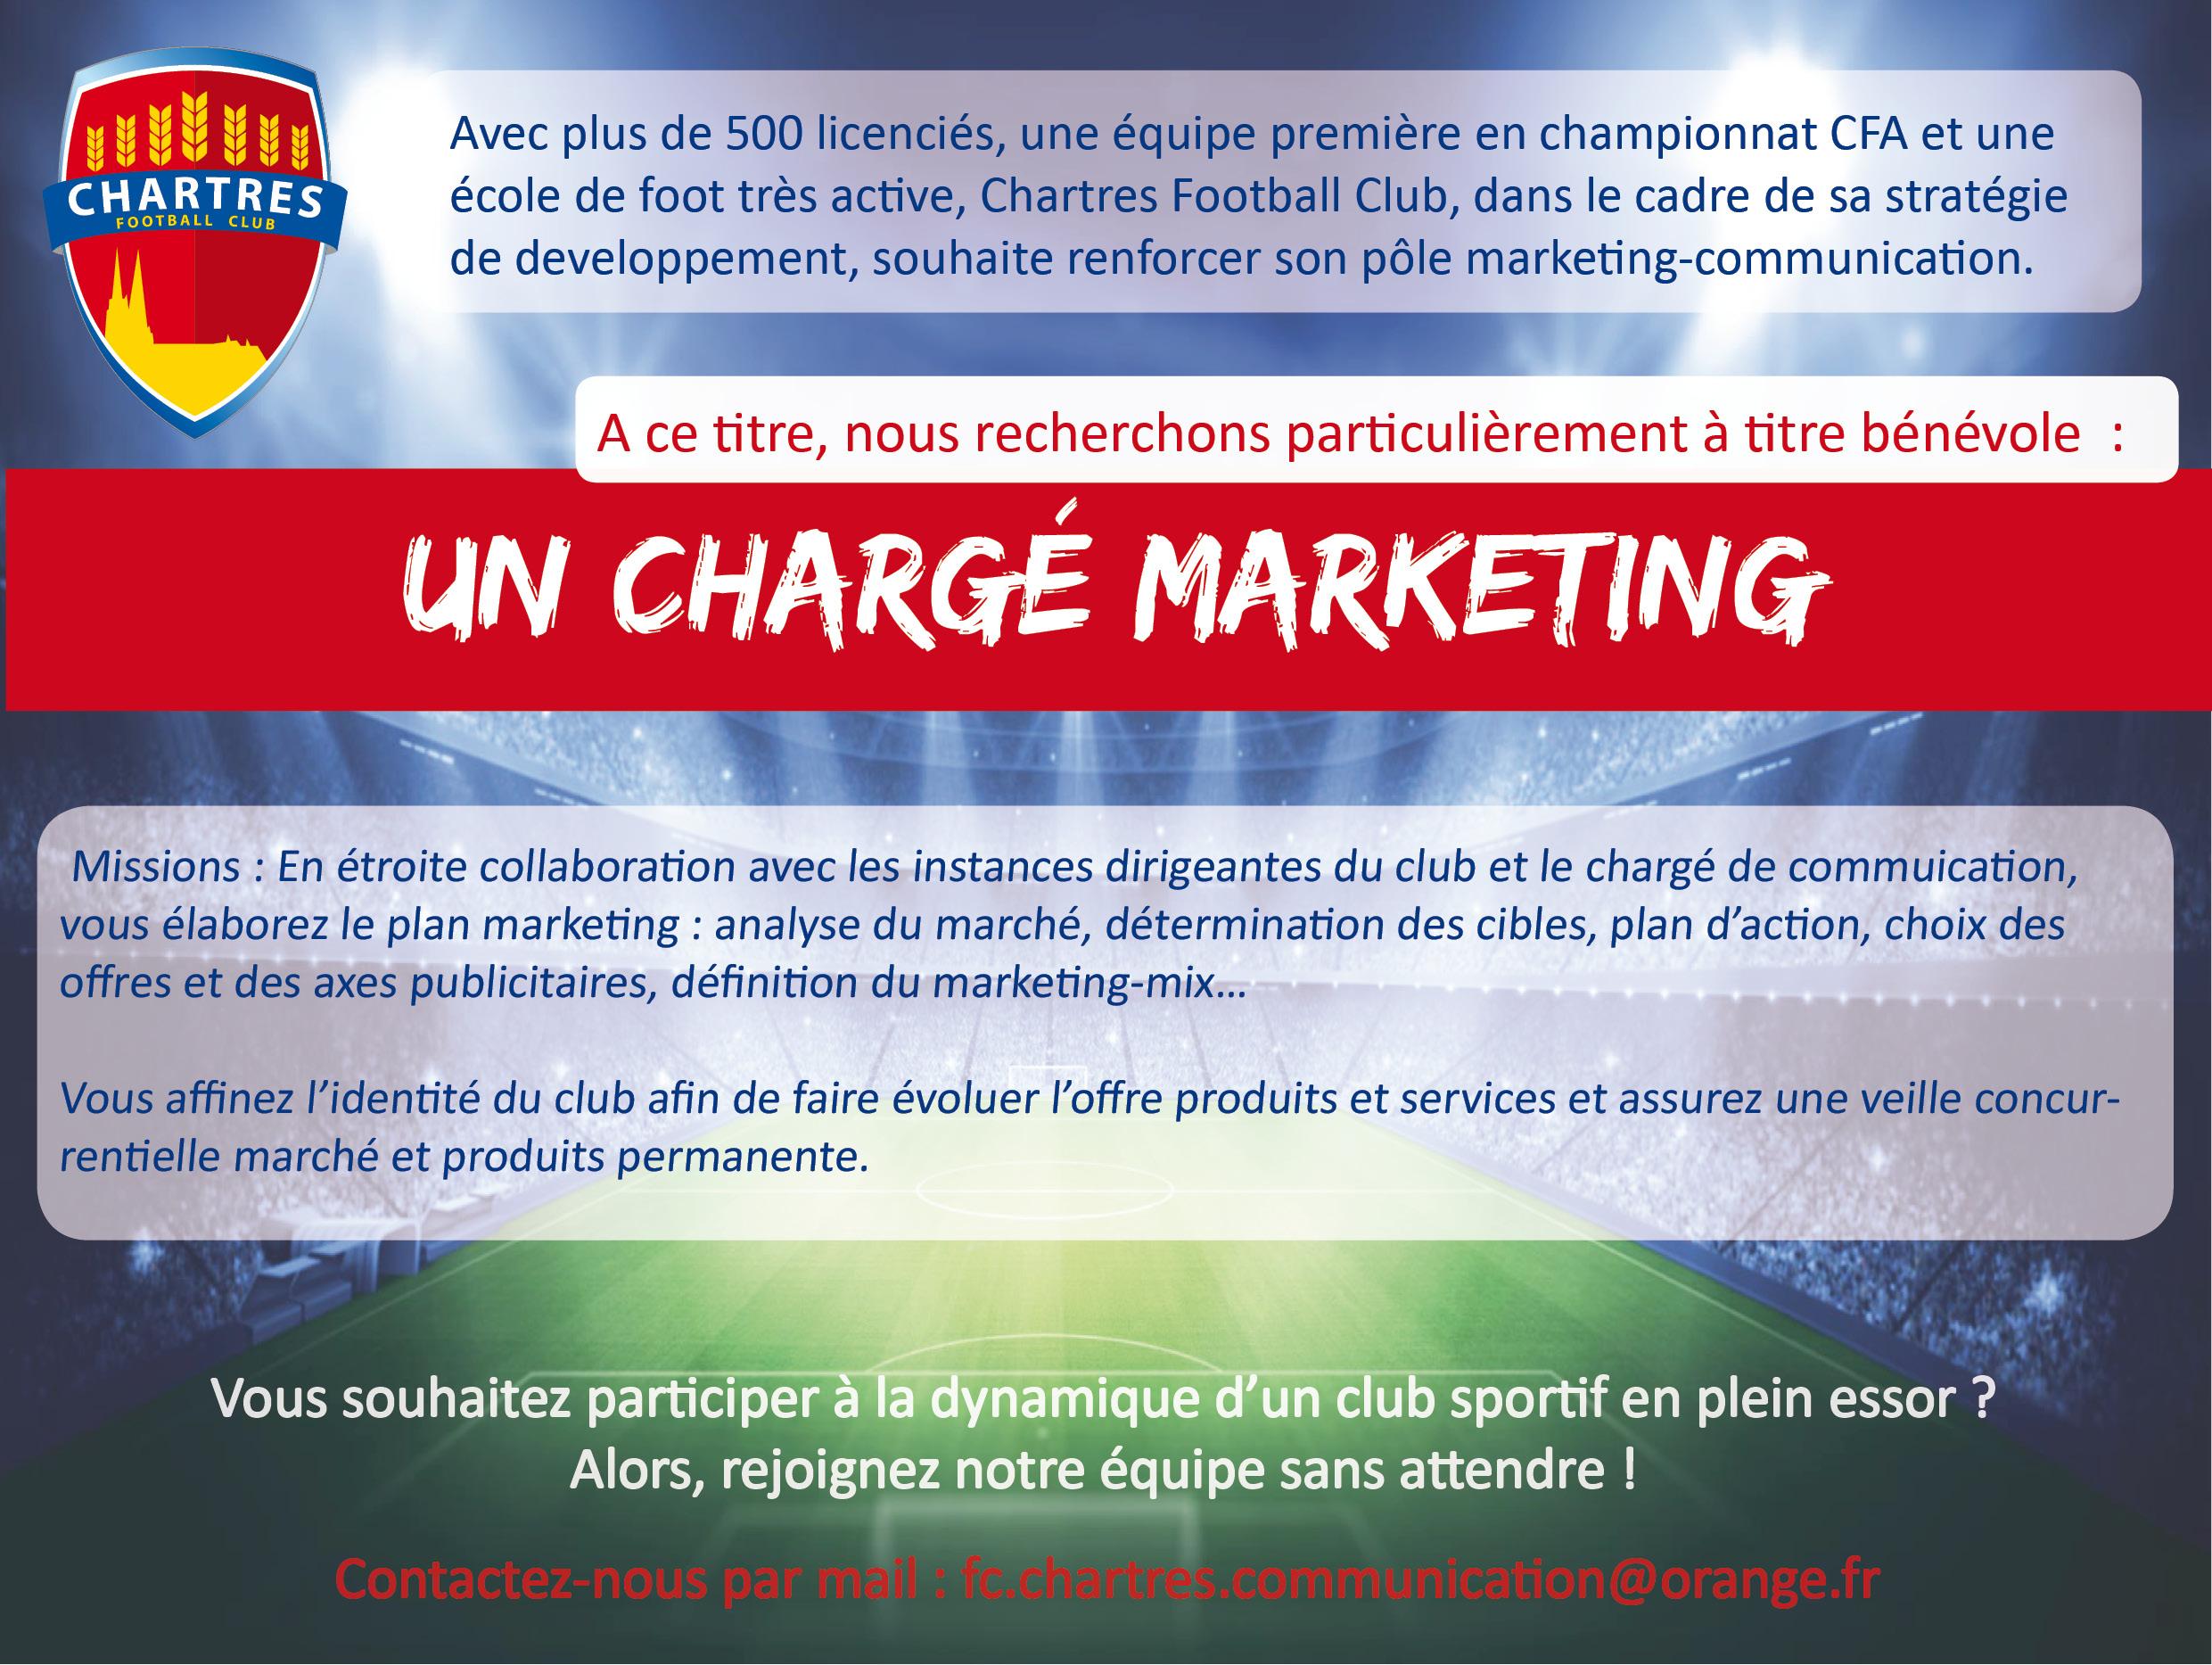 Le FC Chartres recherche un chargé de Marketing bénévole